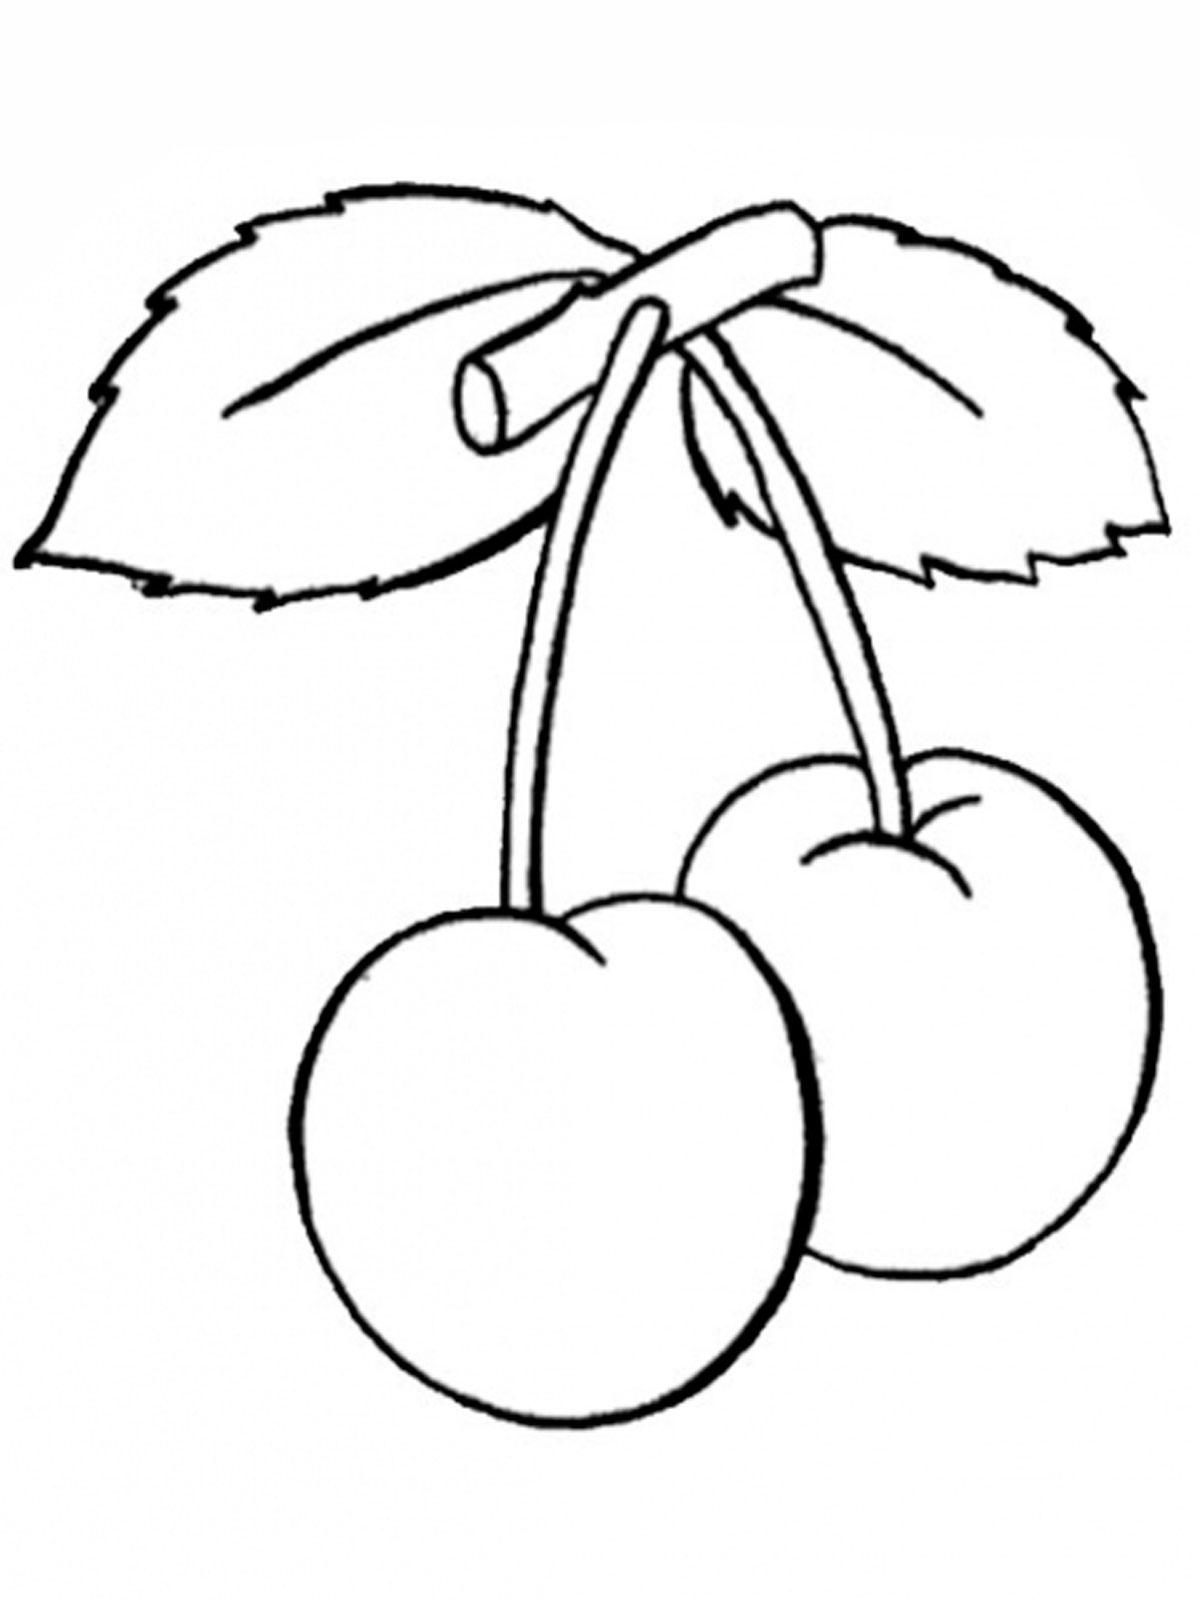 Раскраска Ягоды - детские раскраски распечатать бесплатно